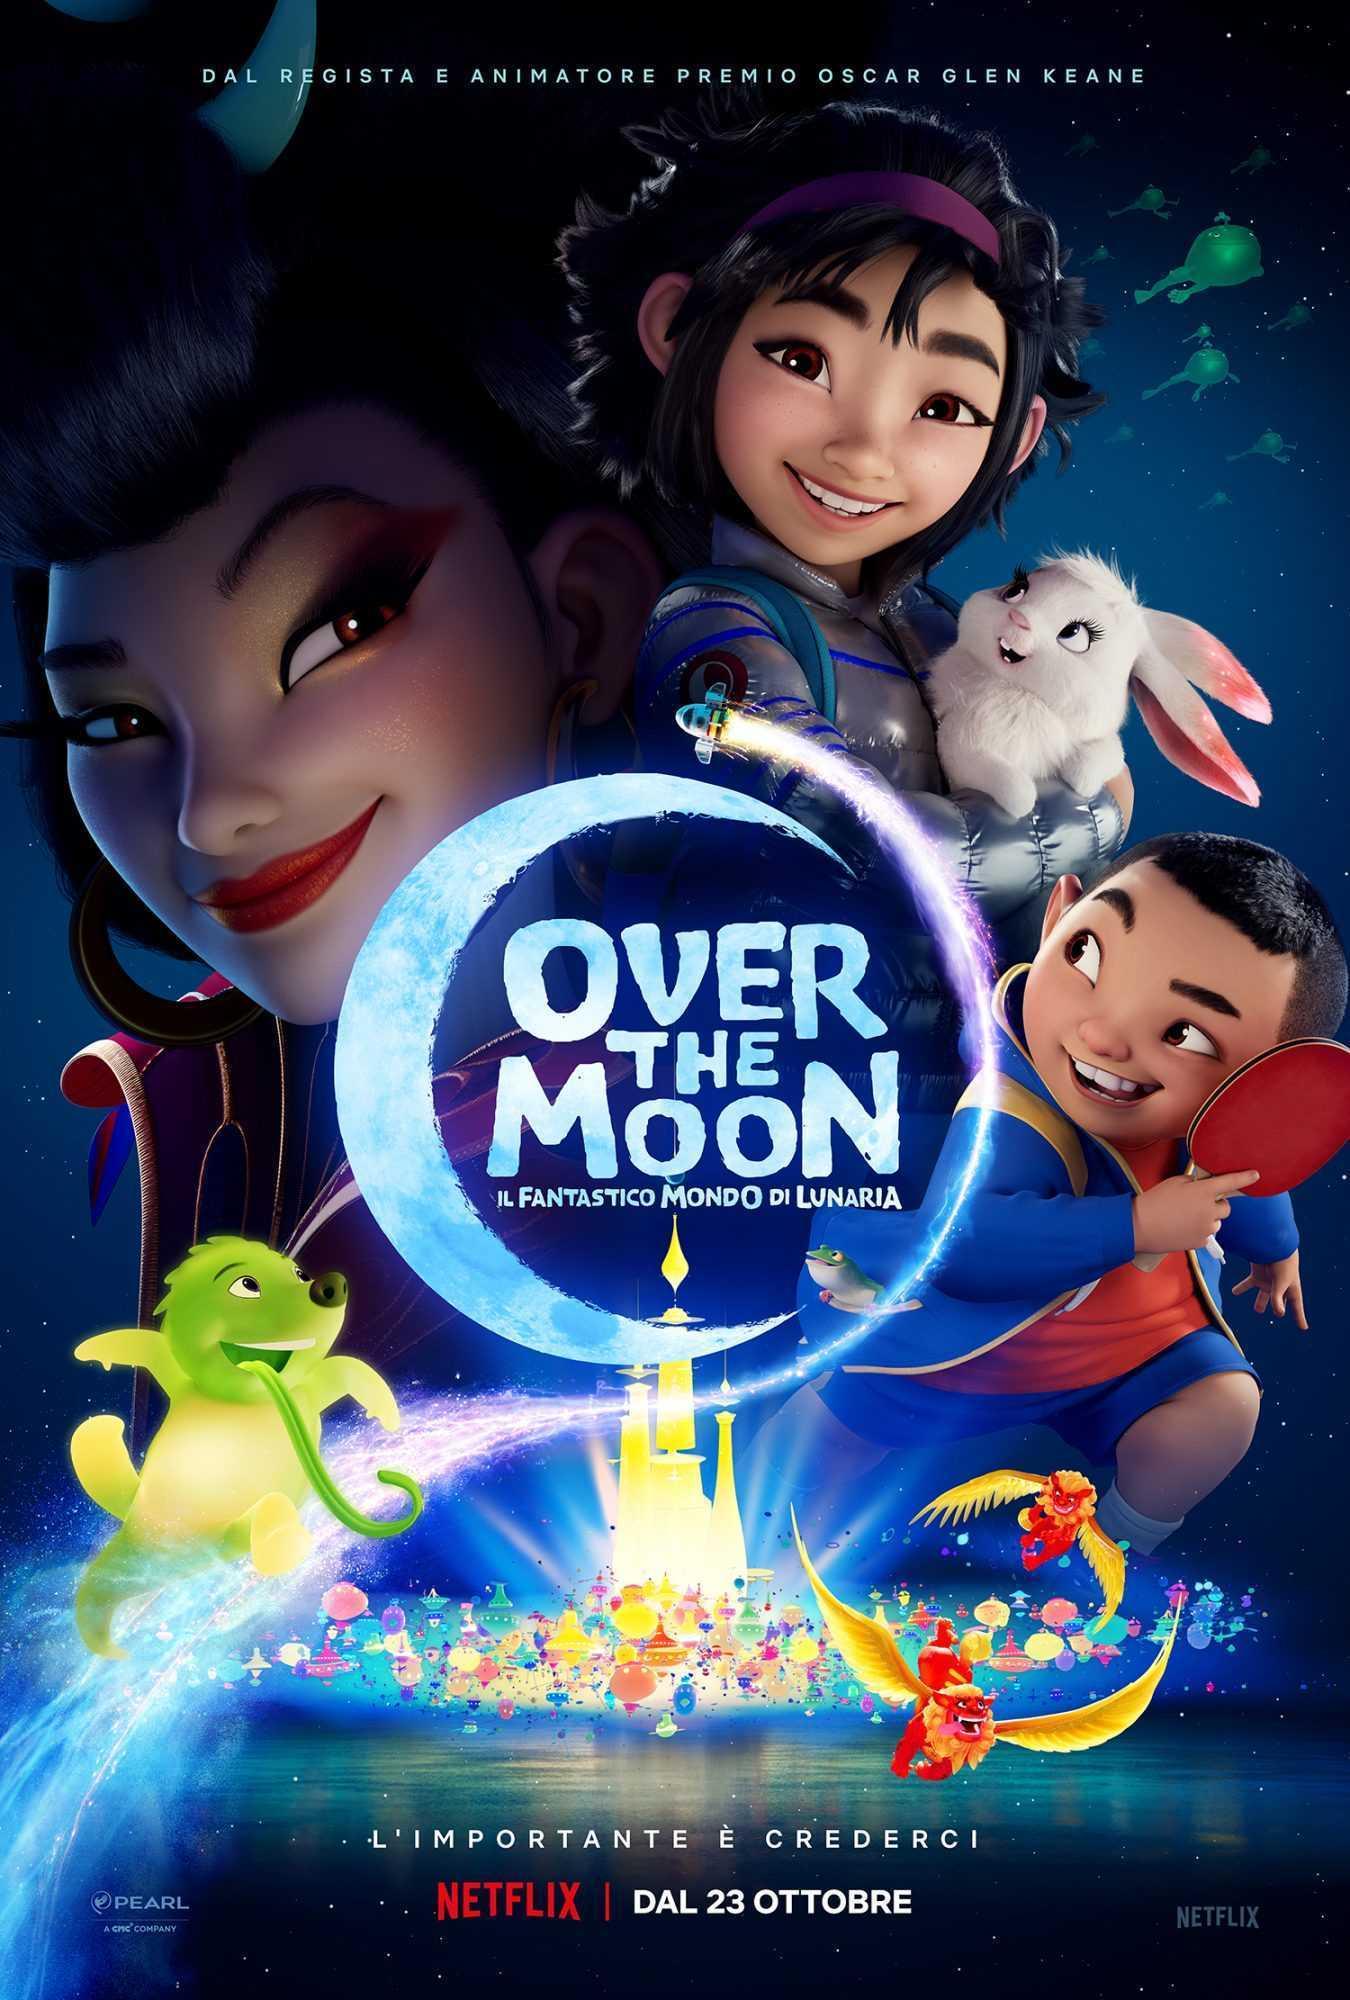 Over the Moon- Il fantastico mondo di Lunaria, in arrivo su Netflix